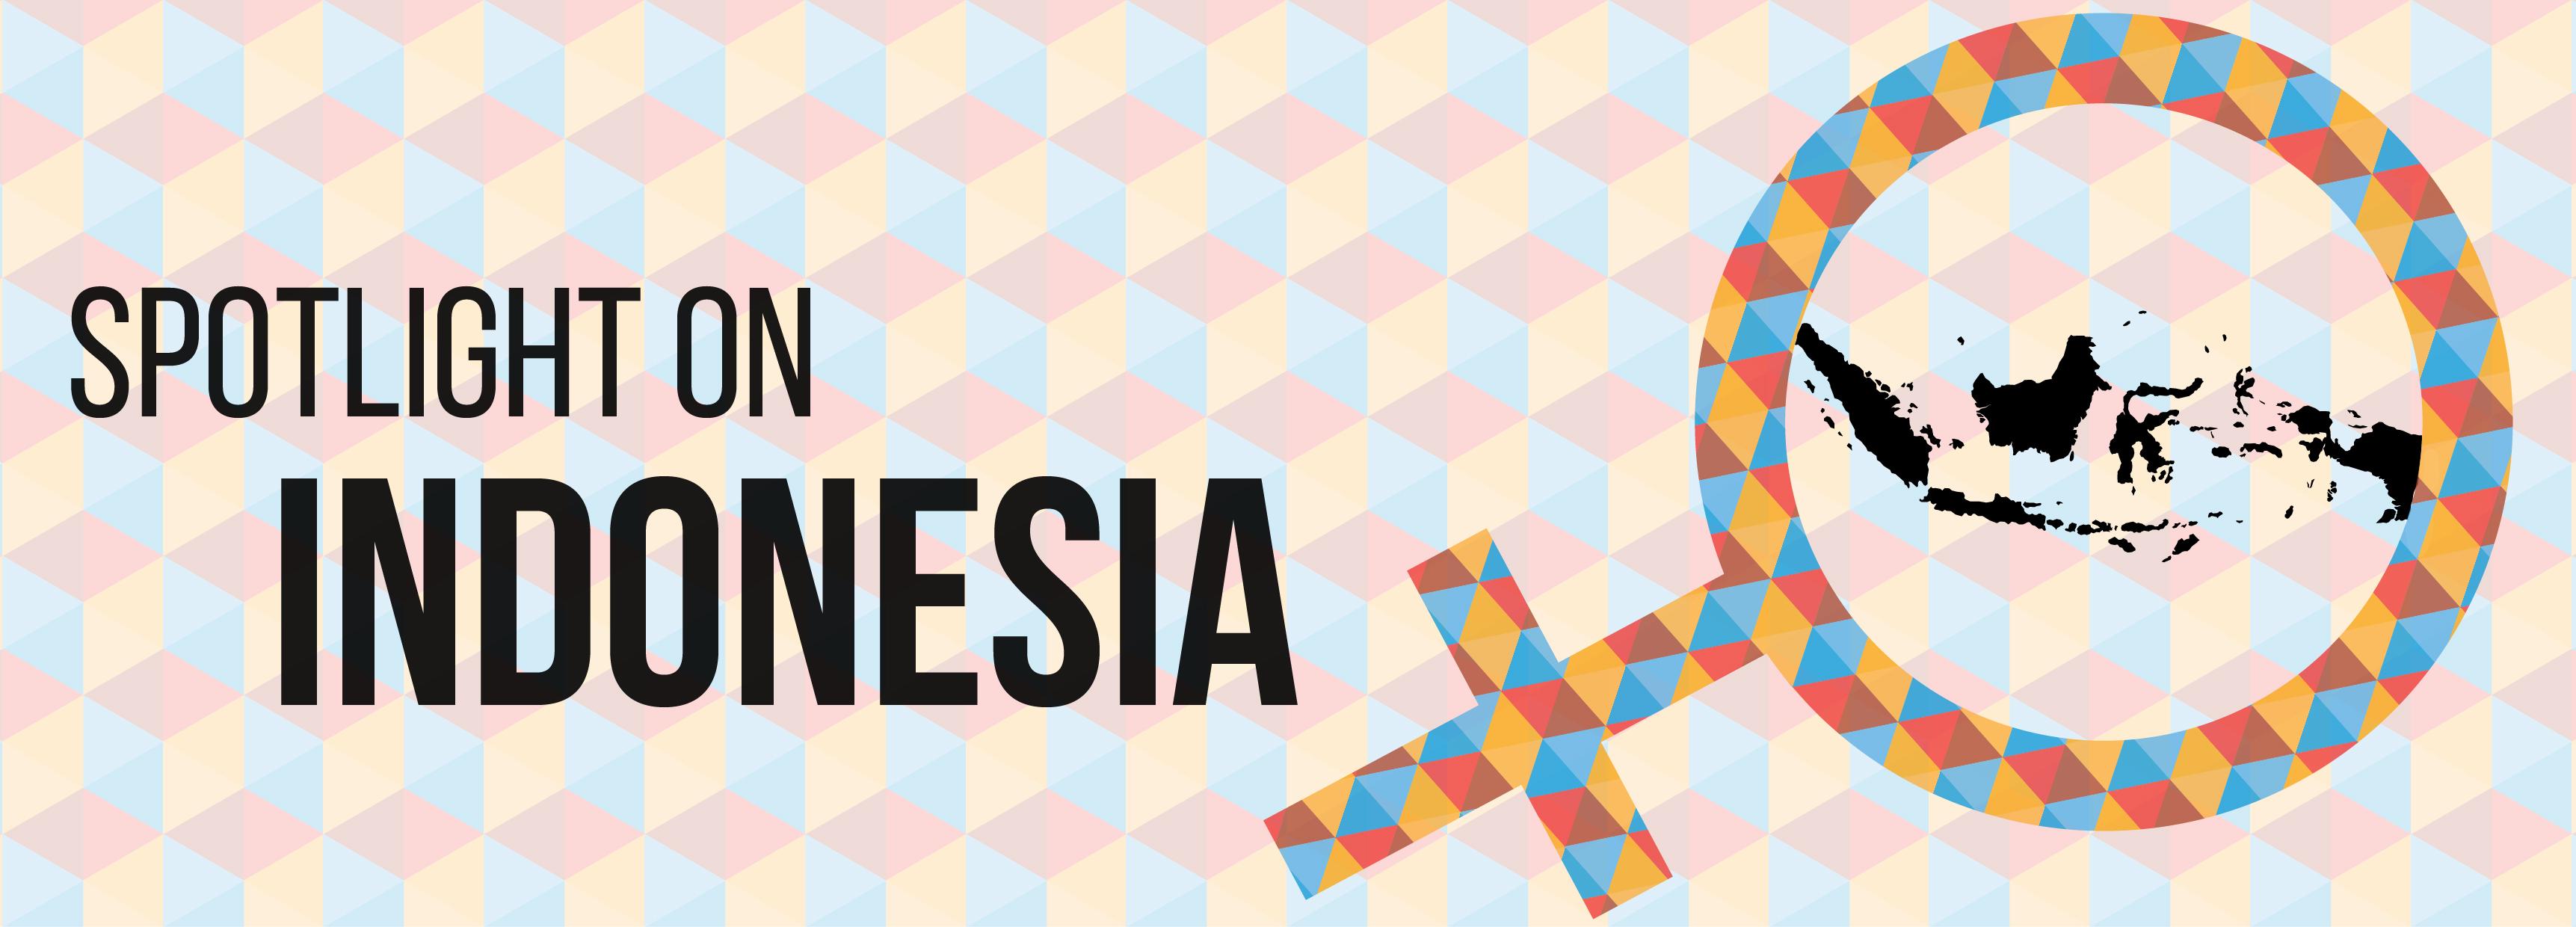 Blog Headers_spotlight on Indonesia